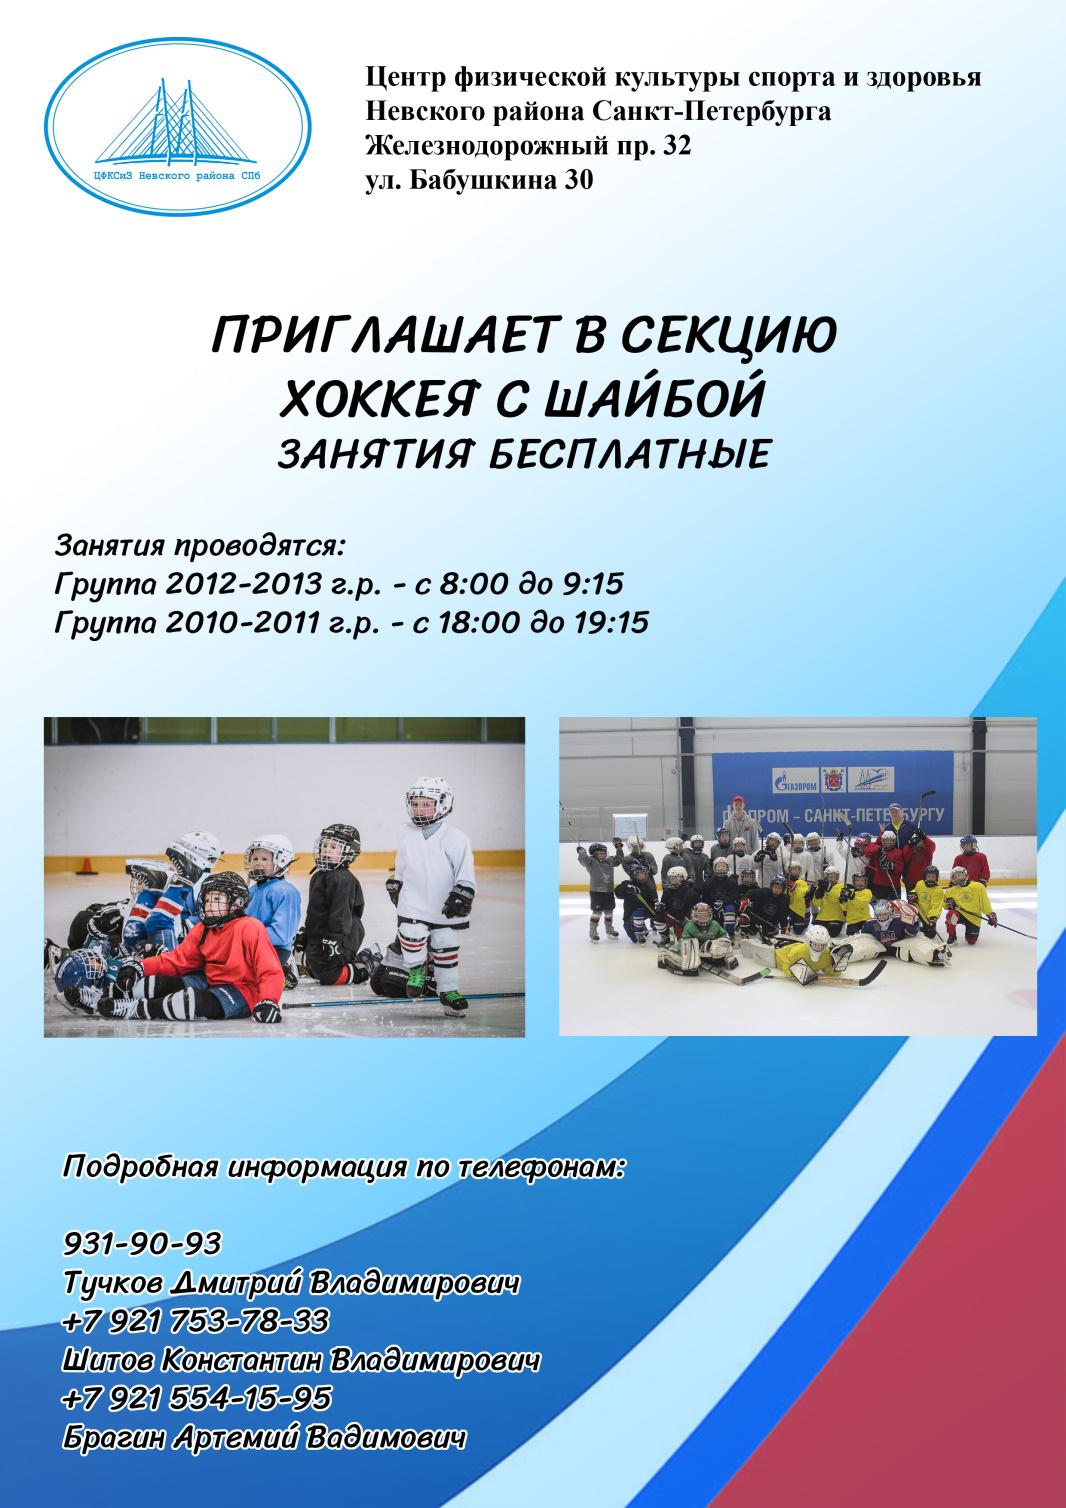 в бесплатную секцию хоккея с шайбой по адресу  ул. Бабушкина, дом 30. 53e2482bcbd